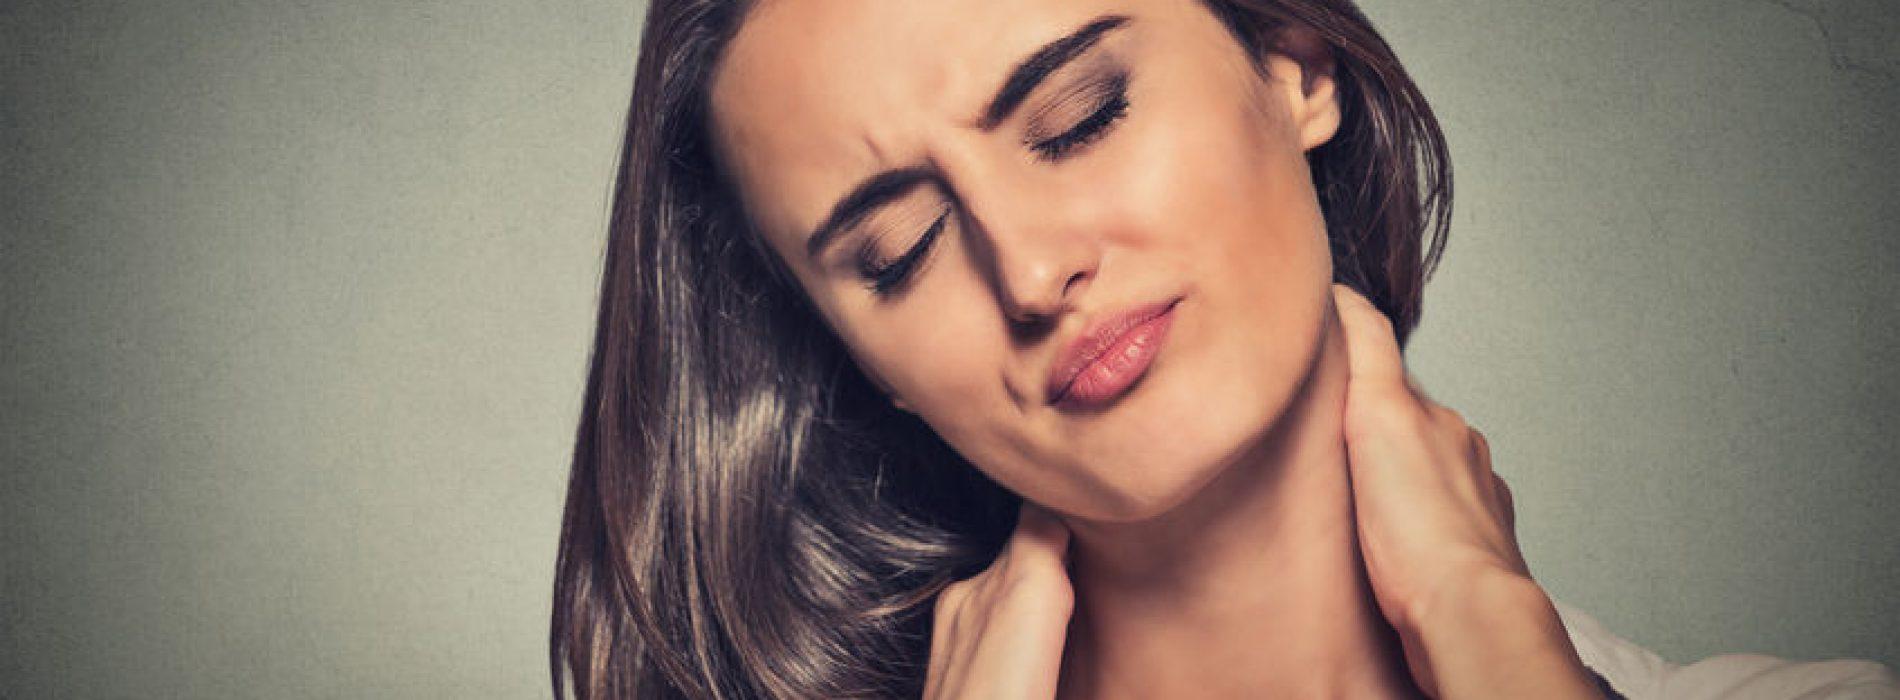 Nasze ciało, jak żarówka – czyli skąd te kontuzje?